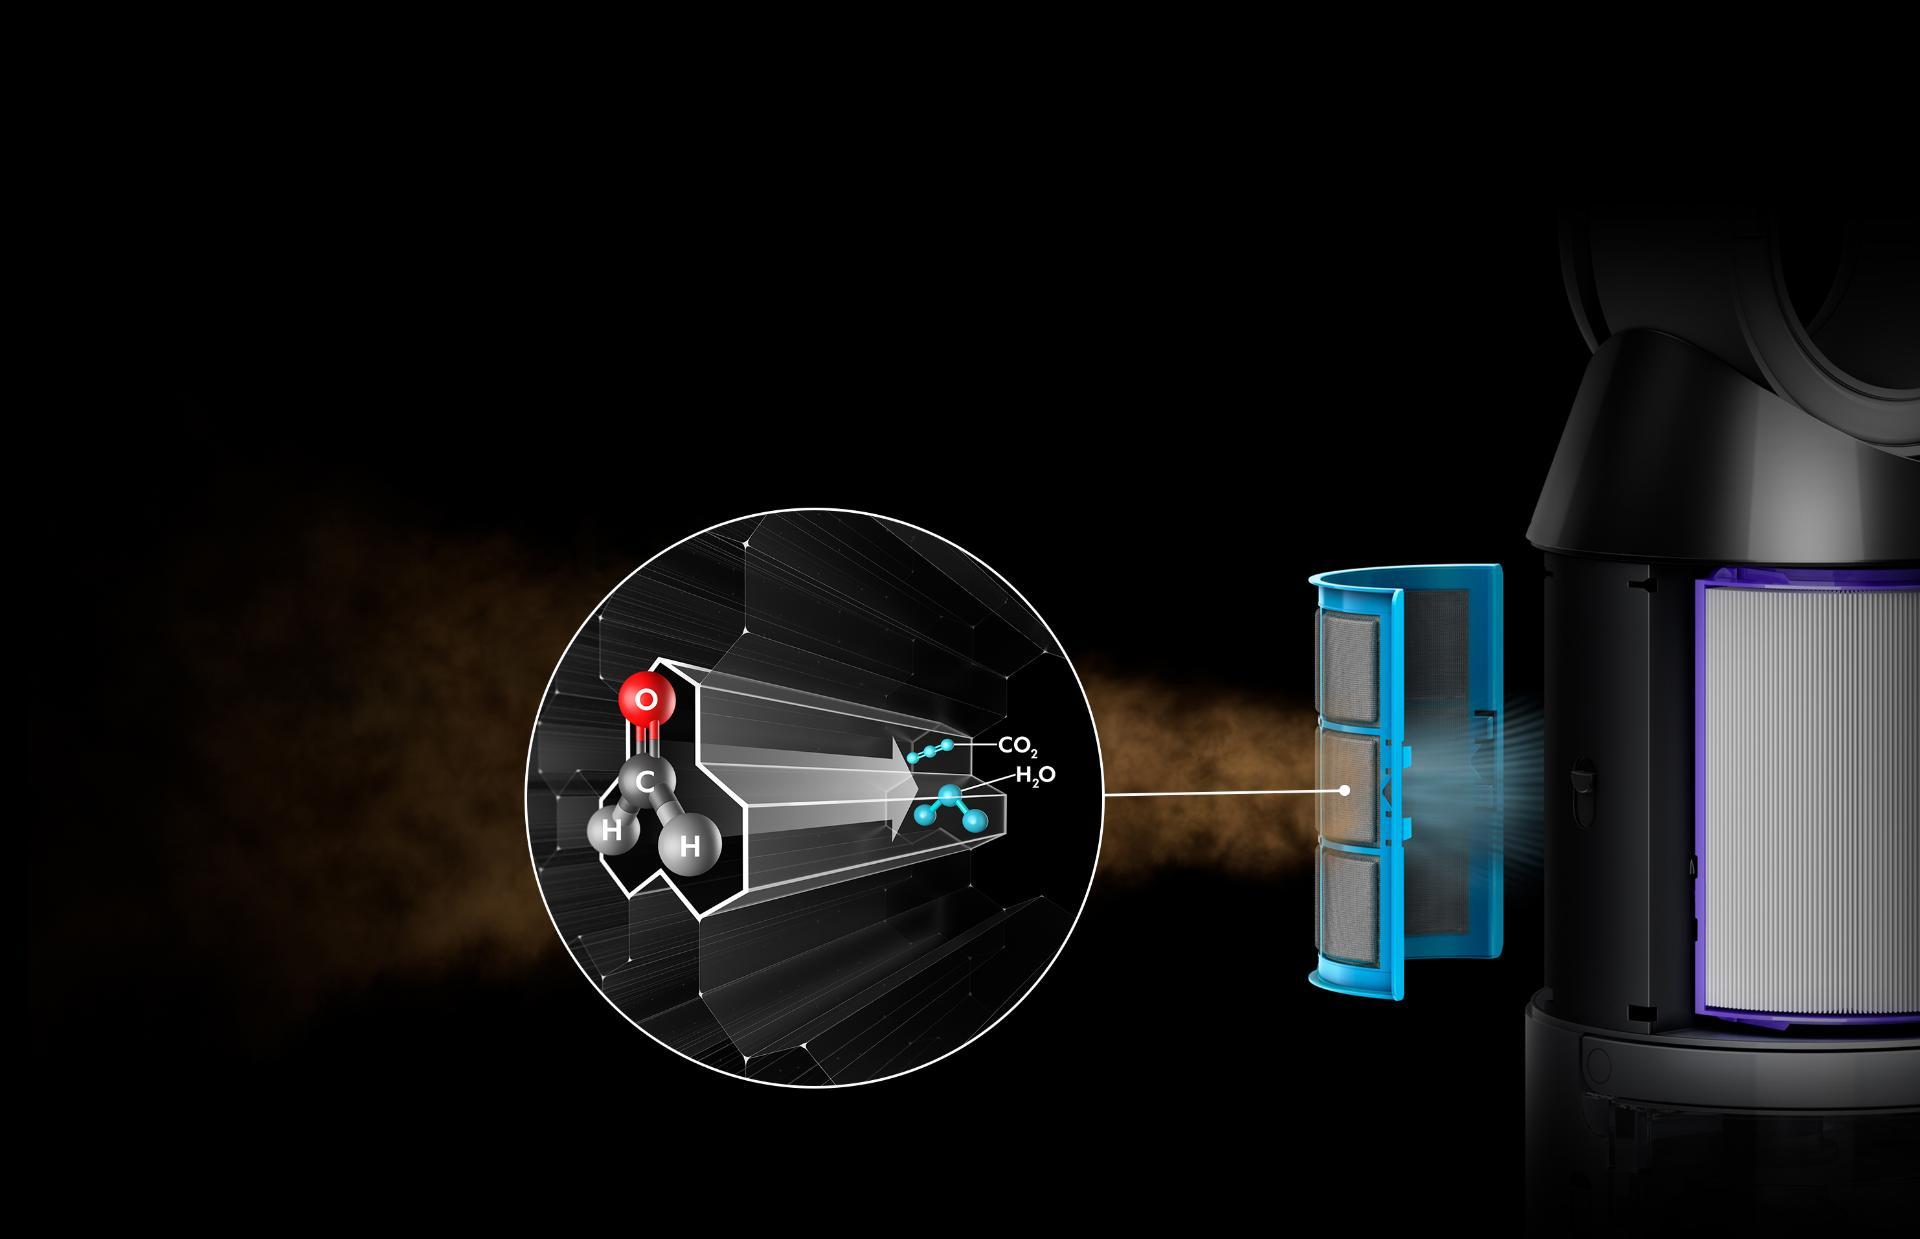 다이슨 크립토믹™ 가습 공기청정기의 포름알데히드 입자를 파괴하는 필터 내부의 나노 수준의 미세한 터널을 확대한 모습